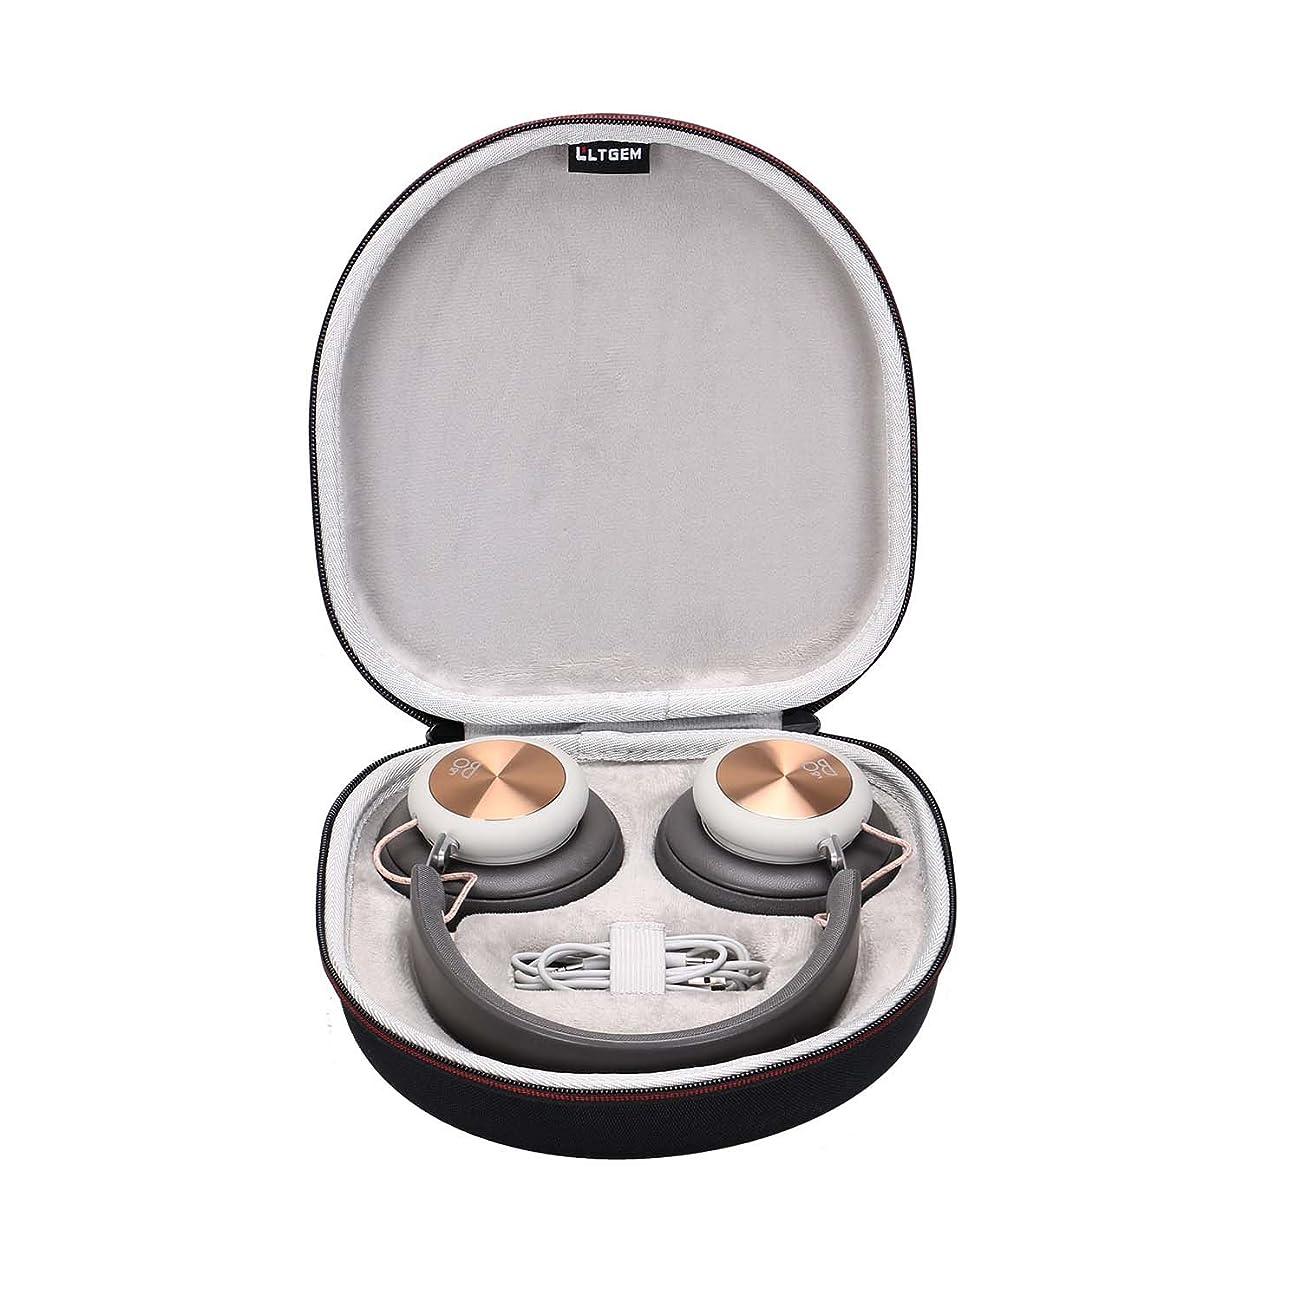 屋内大学不誠実ltgem Evaハードケース旅行保護用ストレージバッグfor B & O PLAY by Bang & Olufsen BeoPlay h4、h7、h8、h9ワイヤレスover-earヘッドフォン